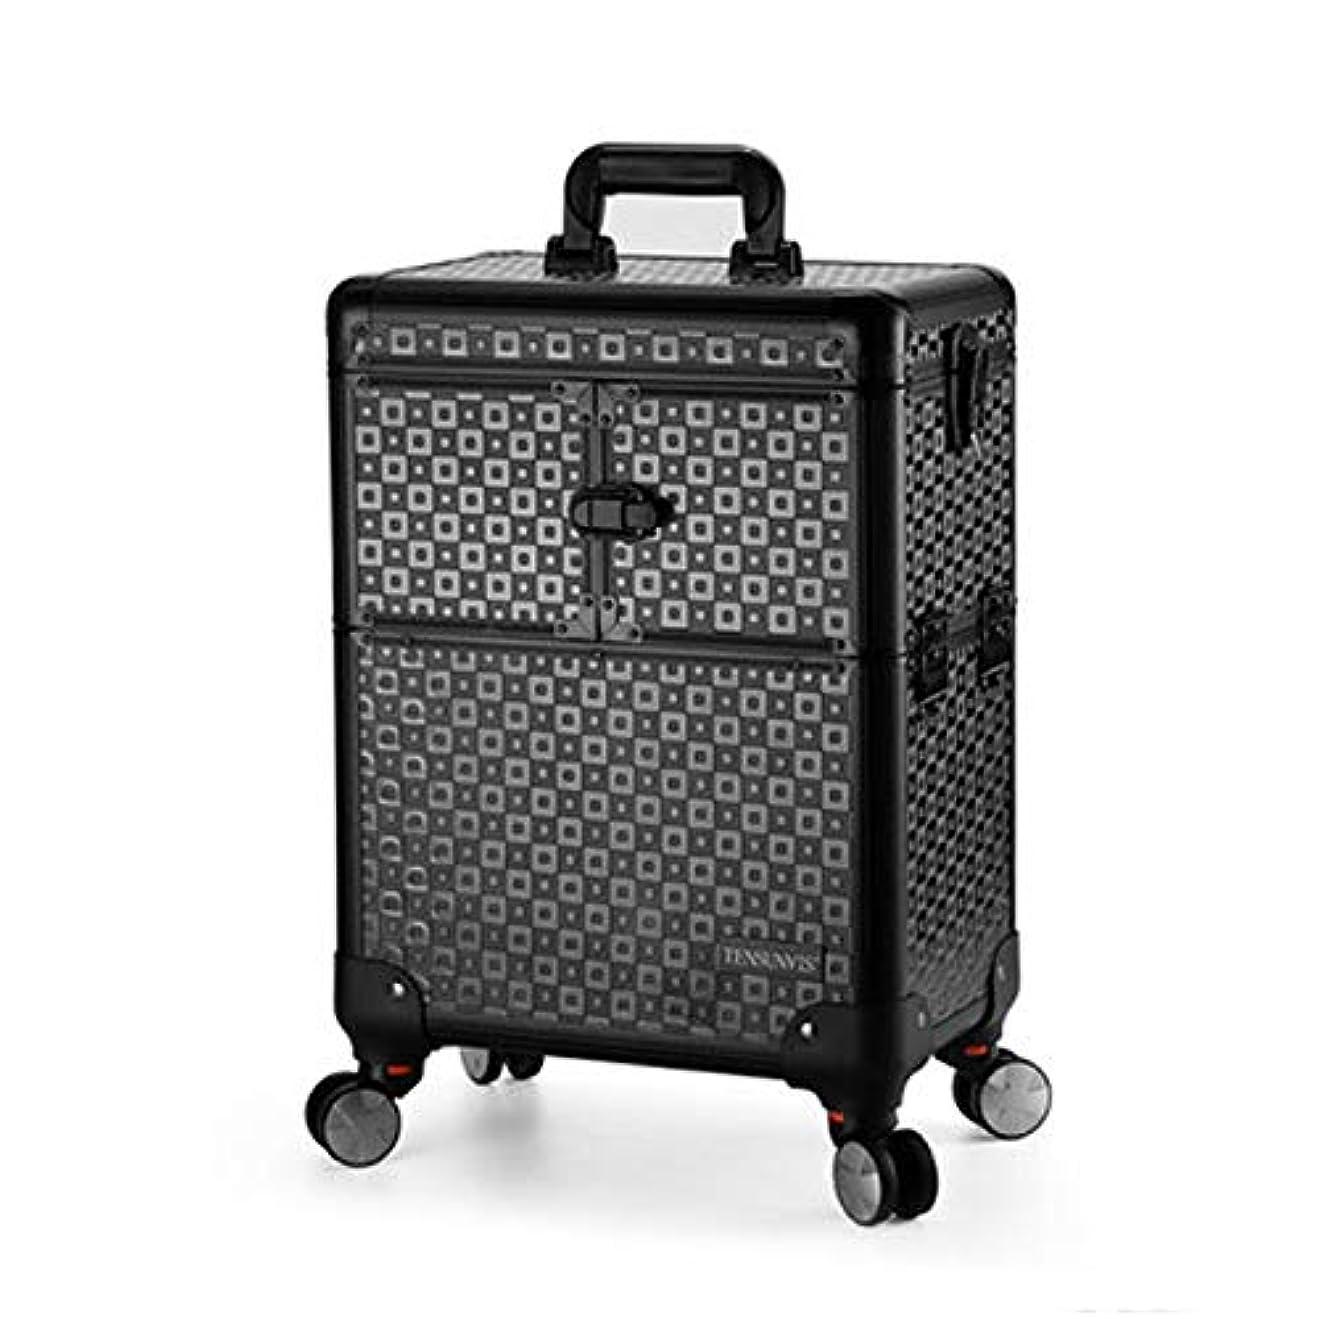 取り消す光景相対性理論プロ専用 美容師 クローゼット スーツケース メイクボックス キャリーバッグ ヘアメイク プロ 大容量 軽量 高品質 多機能 I-TT-4622-TB-T